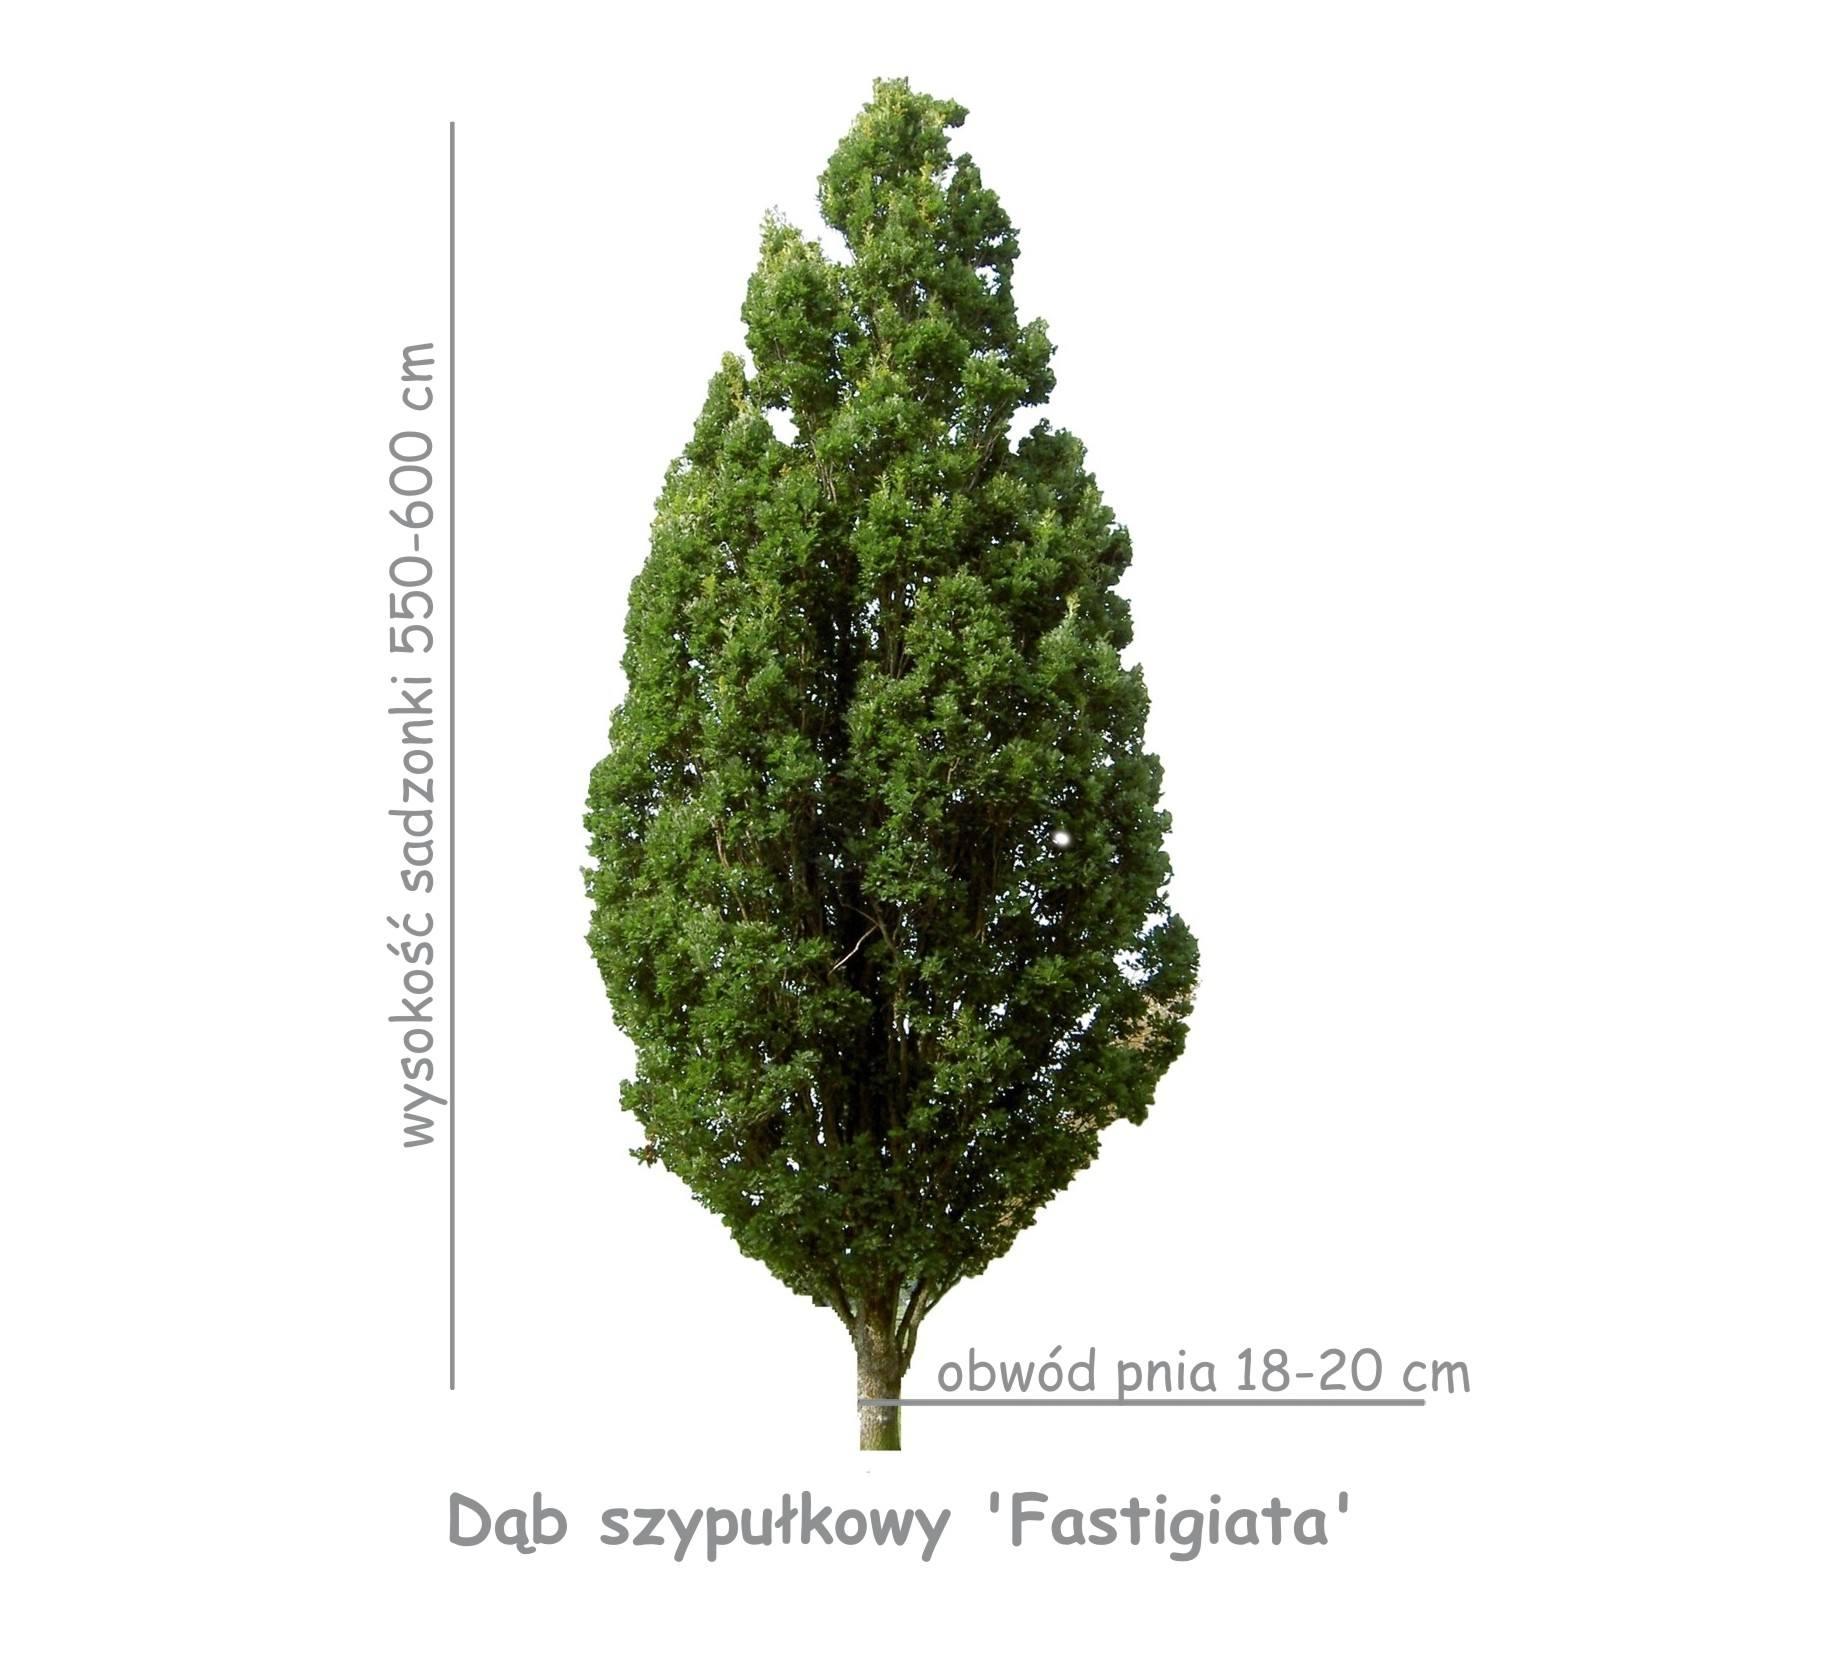 Dąb szypułkowy 'Fastigiata' sadzonka o obwodzie pnia 18-20 cm.